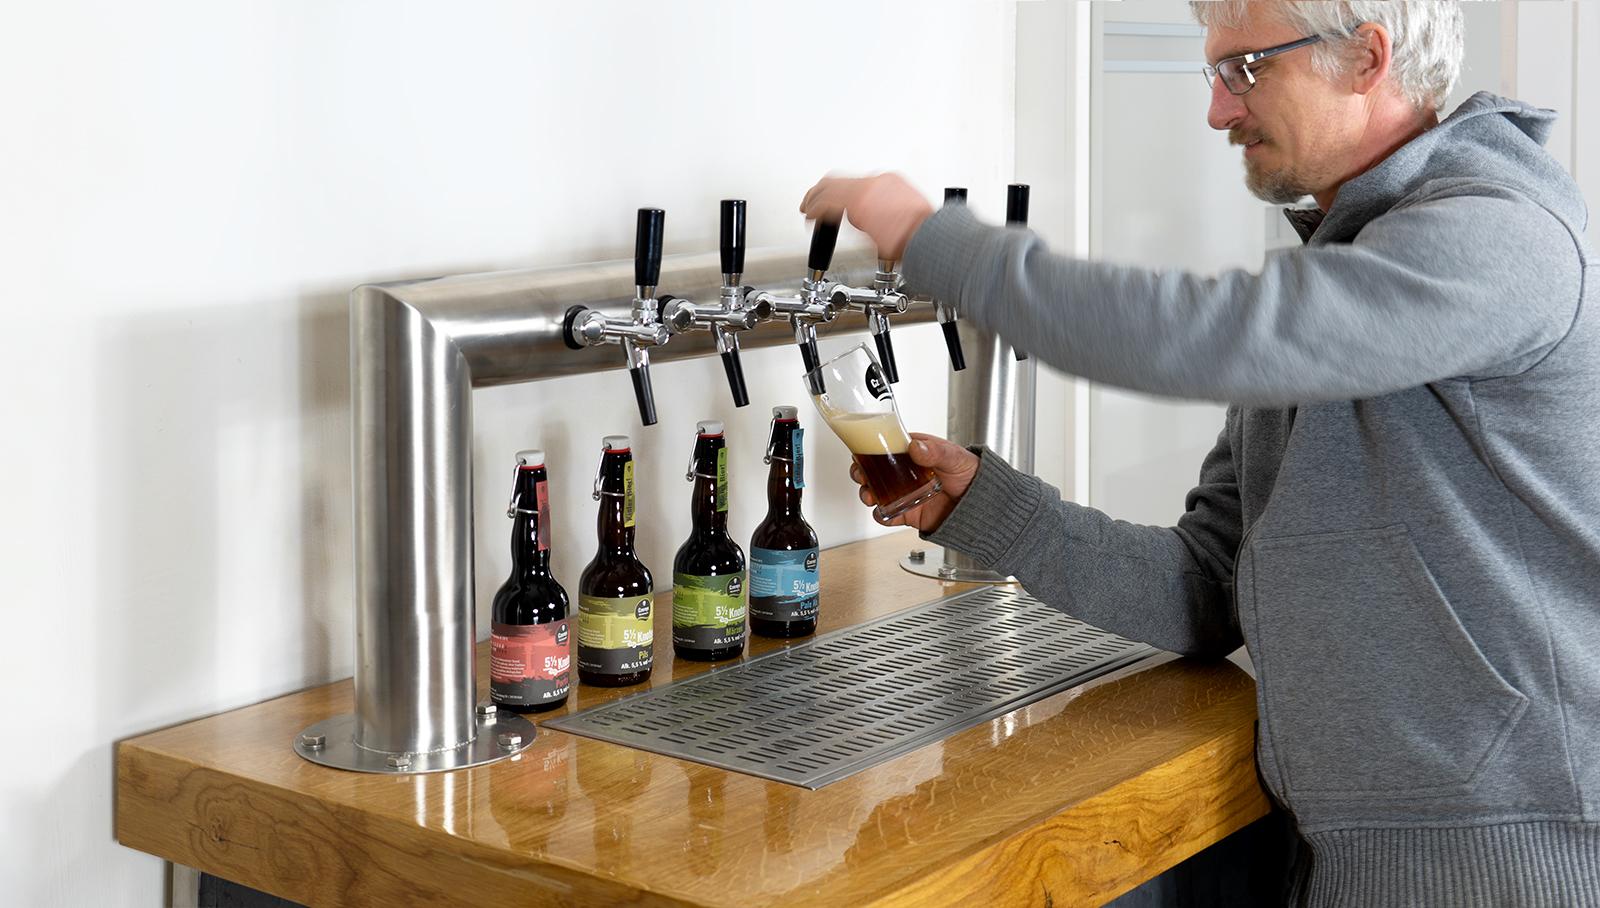 Brauereibesichtigung Jan Czerny an Zapfanlage